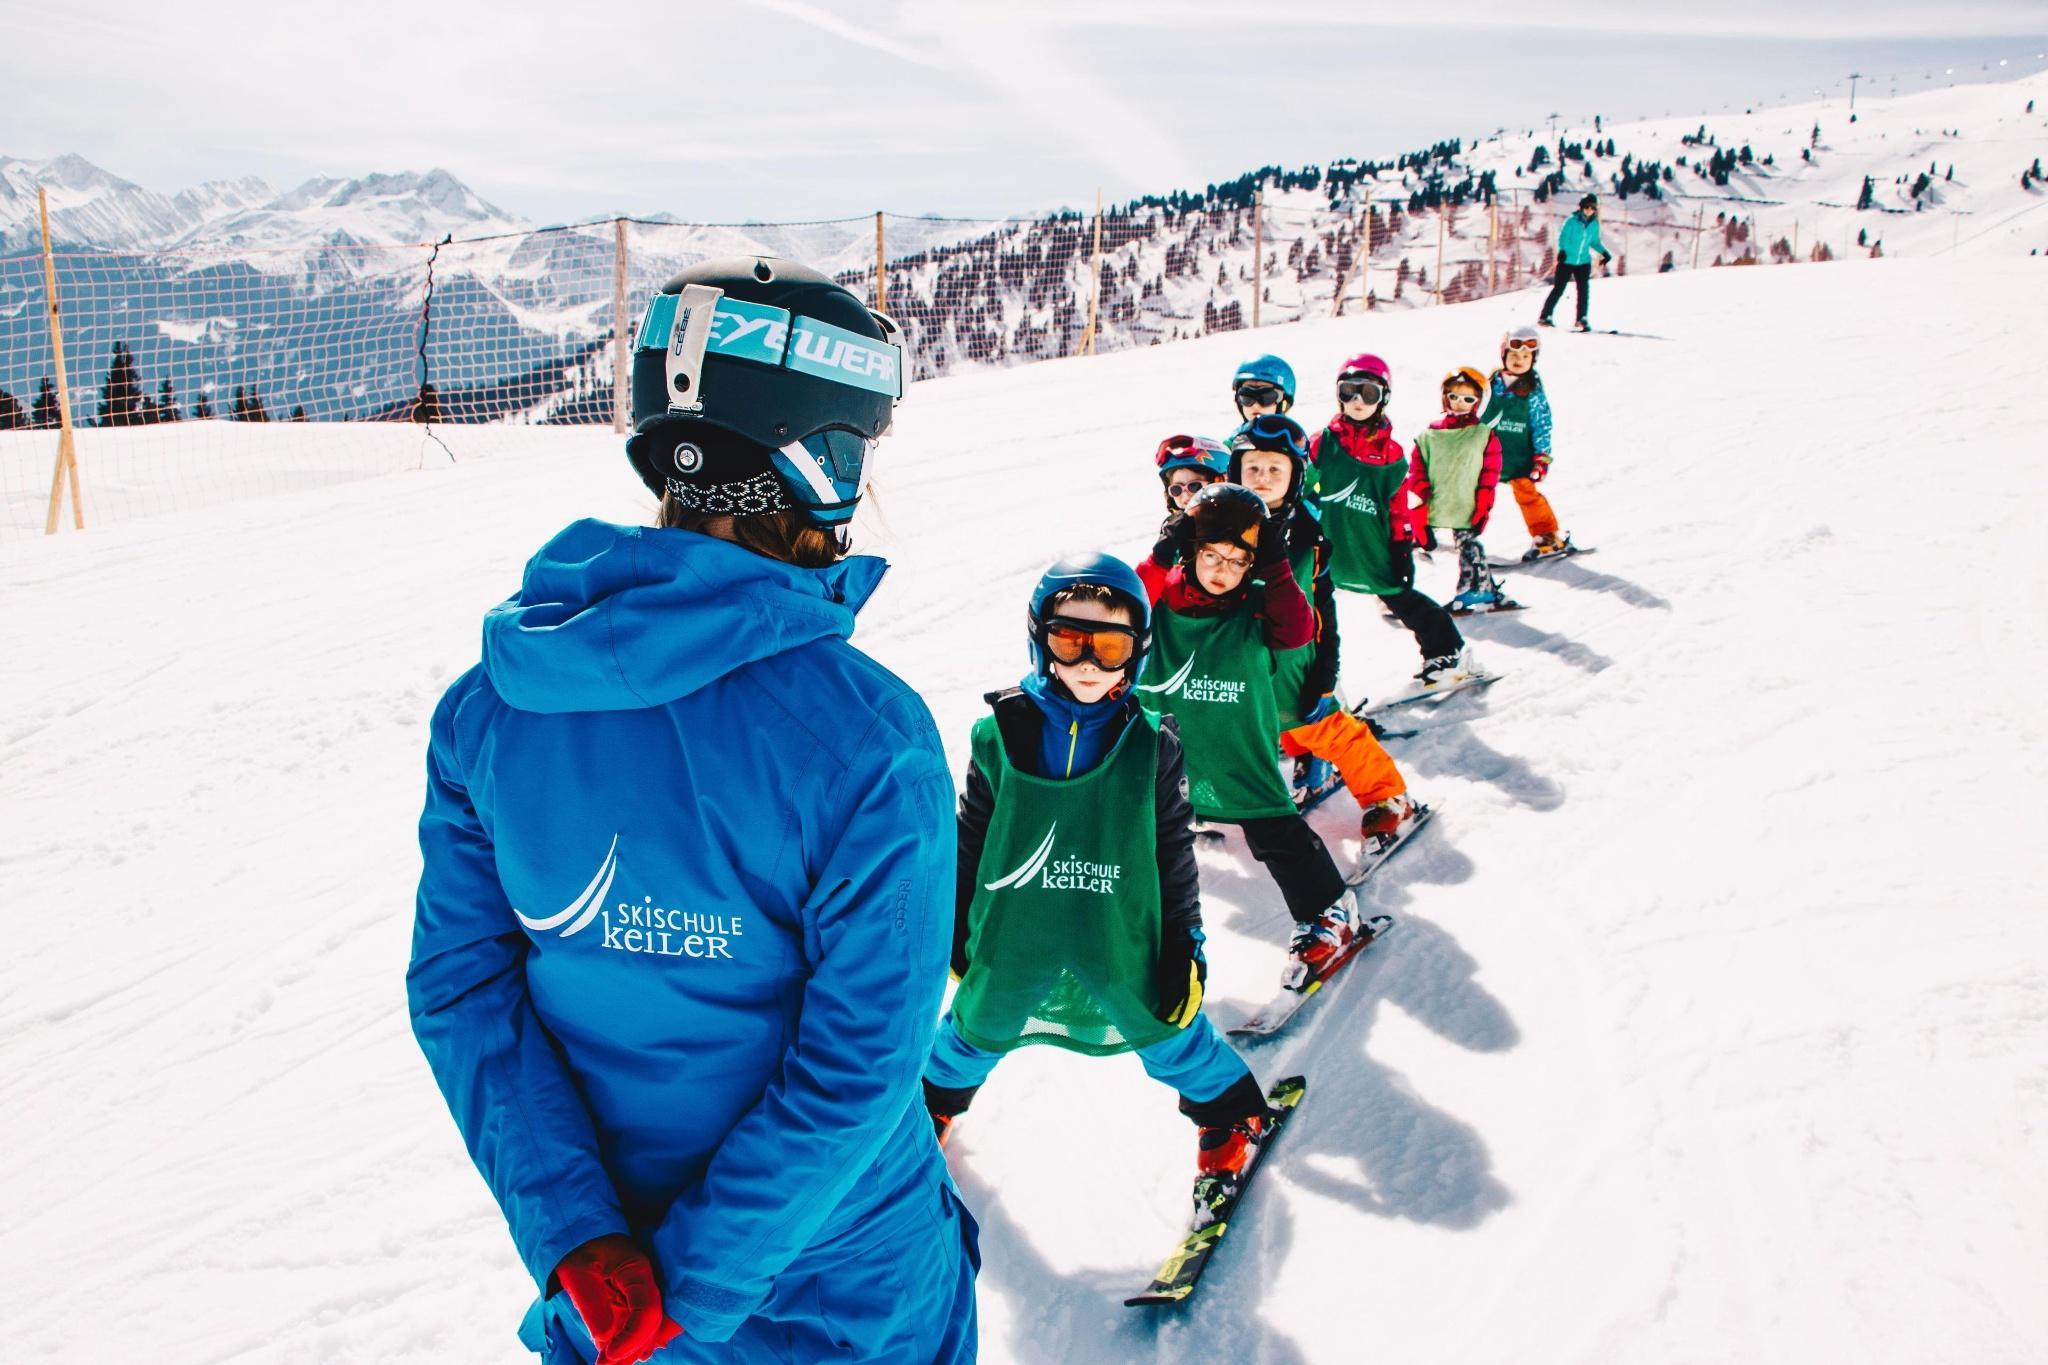 skikurs für kinder ab 4 jahren  anfänger • skiurlaub